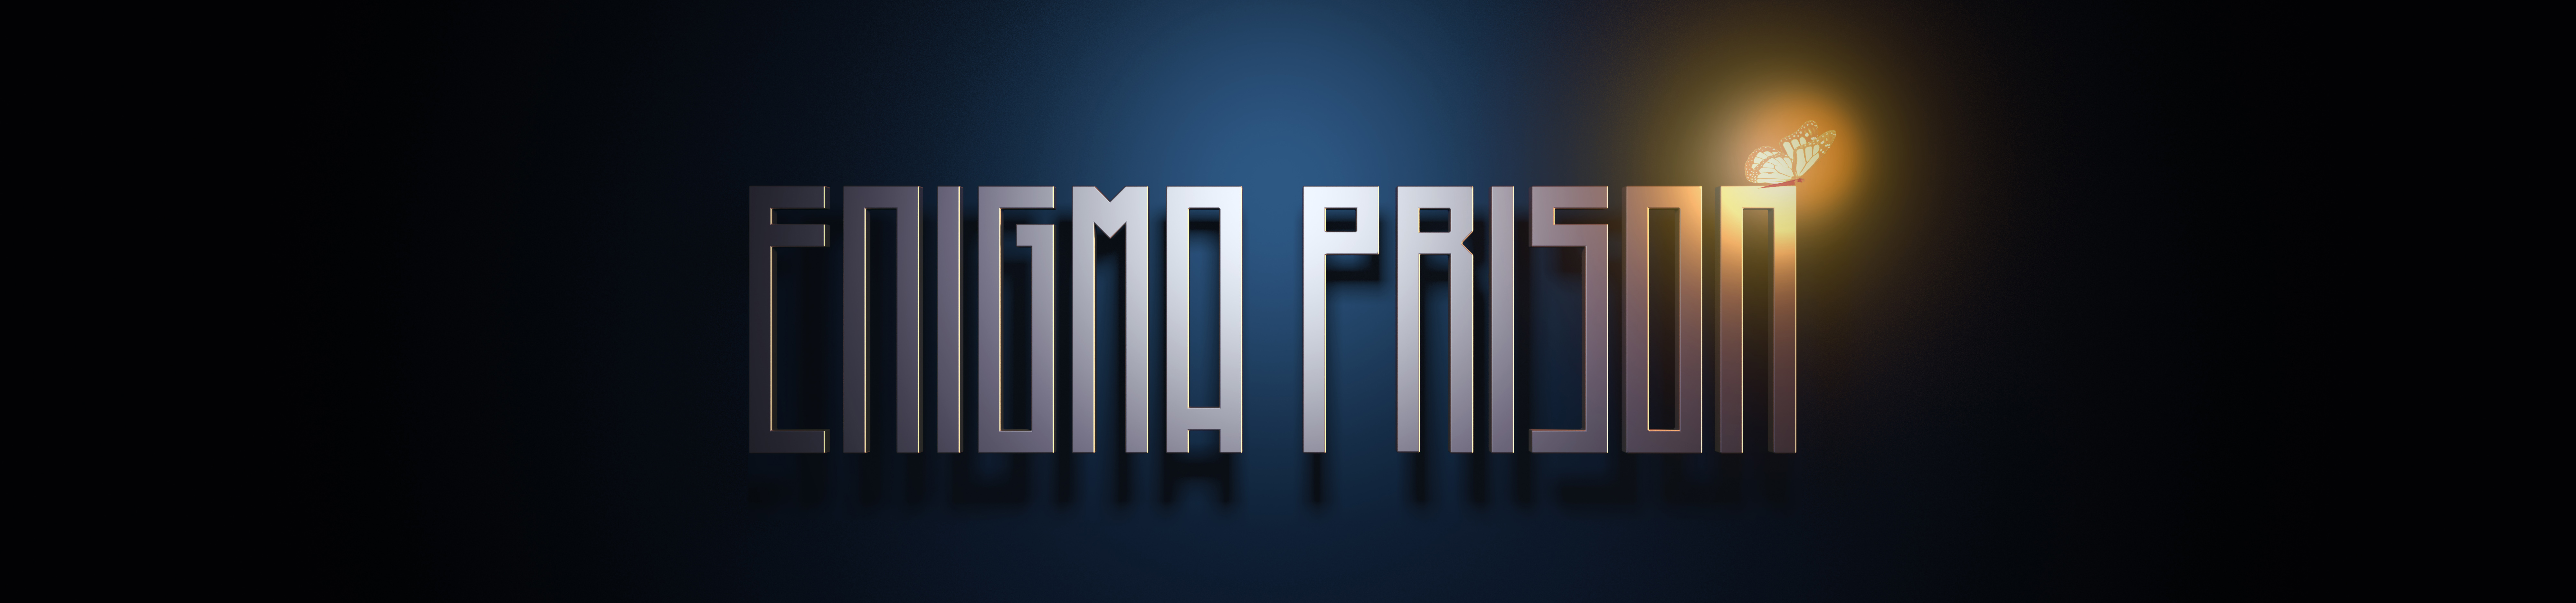 logo wide2 01   Copia